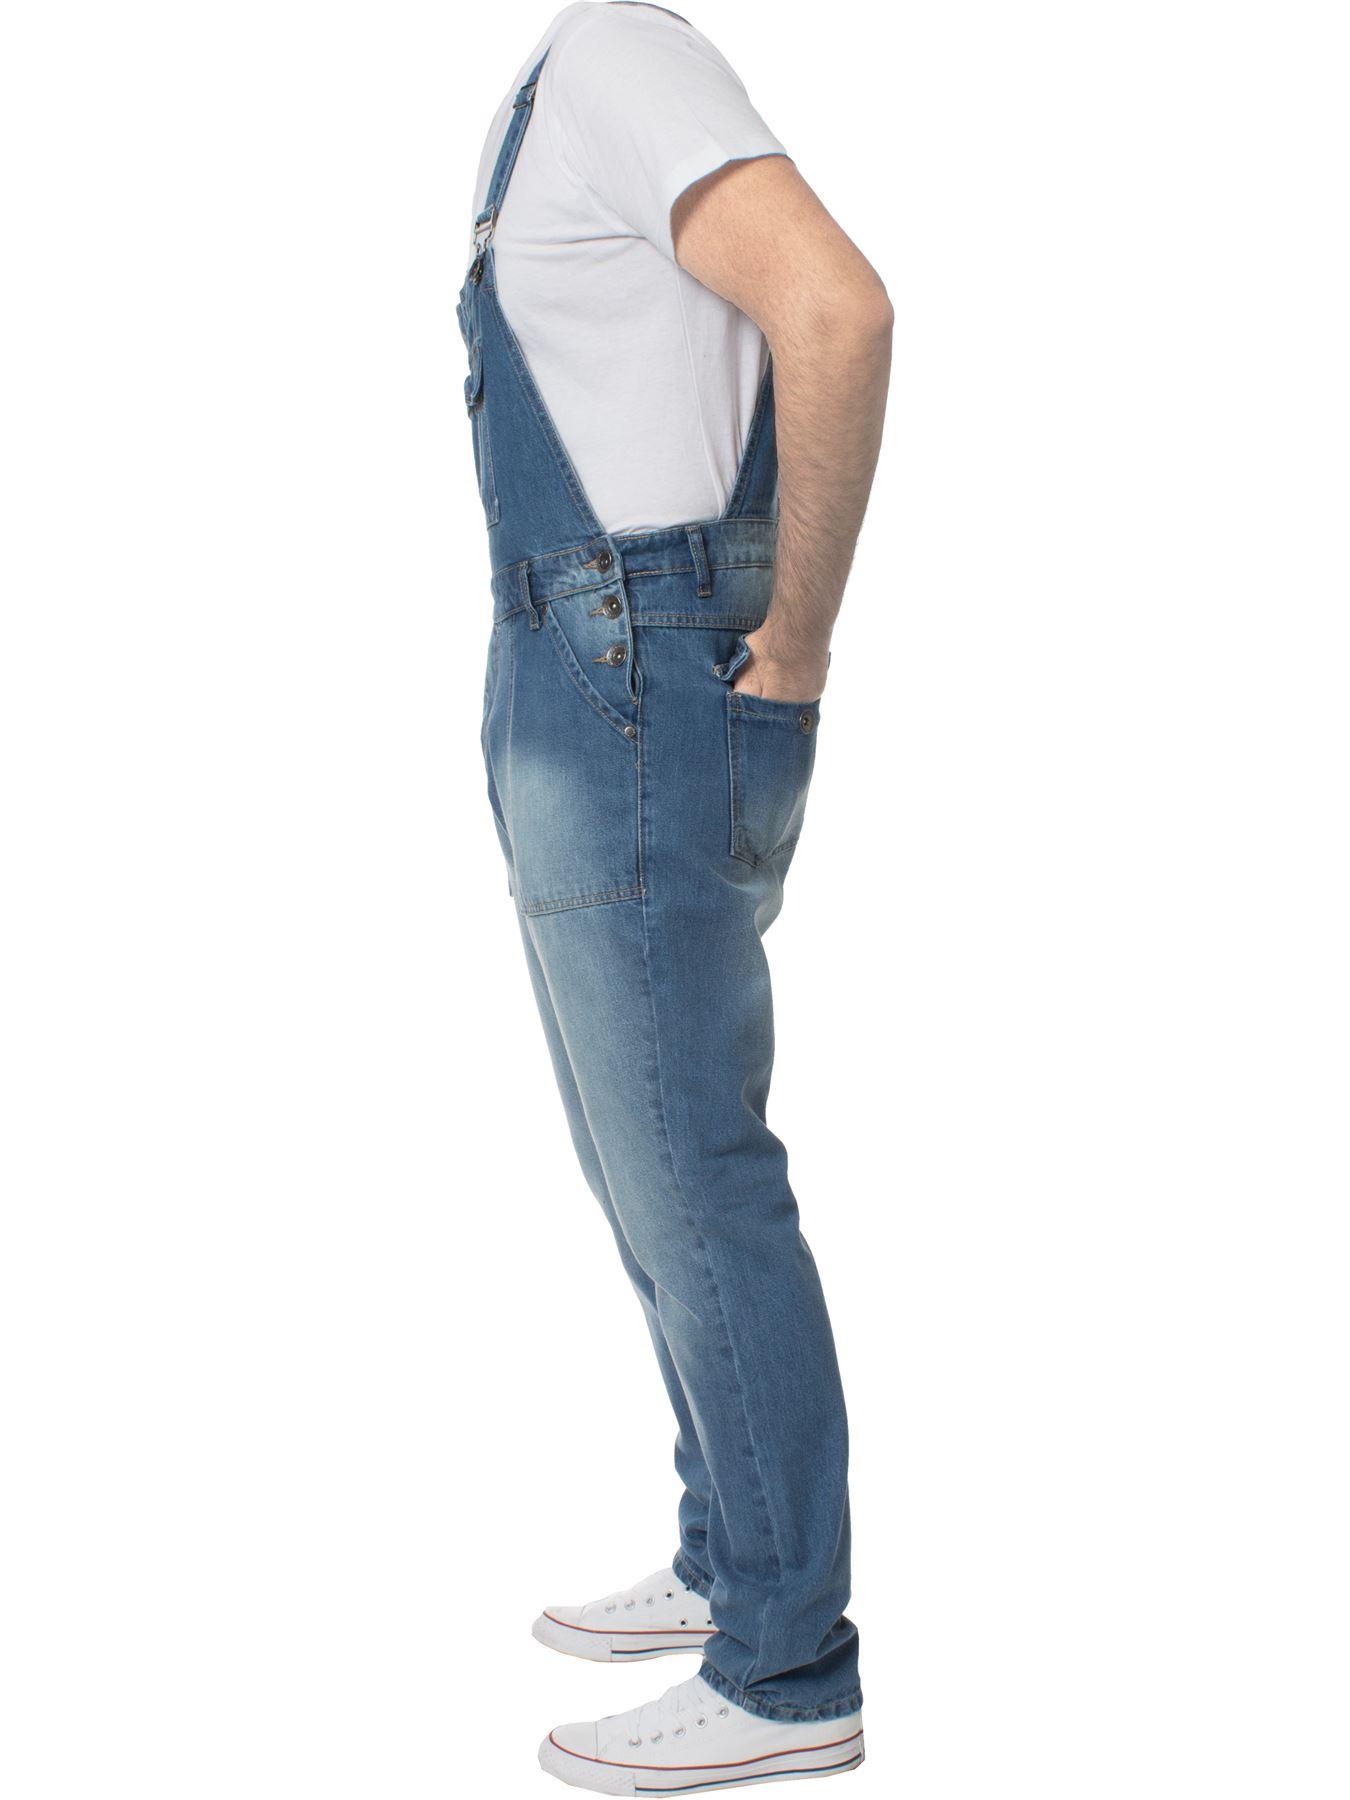 ENZO-Jeans-Hombre-Denim-Azul-Peto-Peto-overoles-Todas-Cinturas-Talla-30-034-50-034 miniatura 8